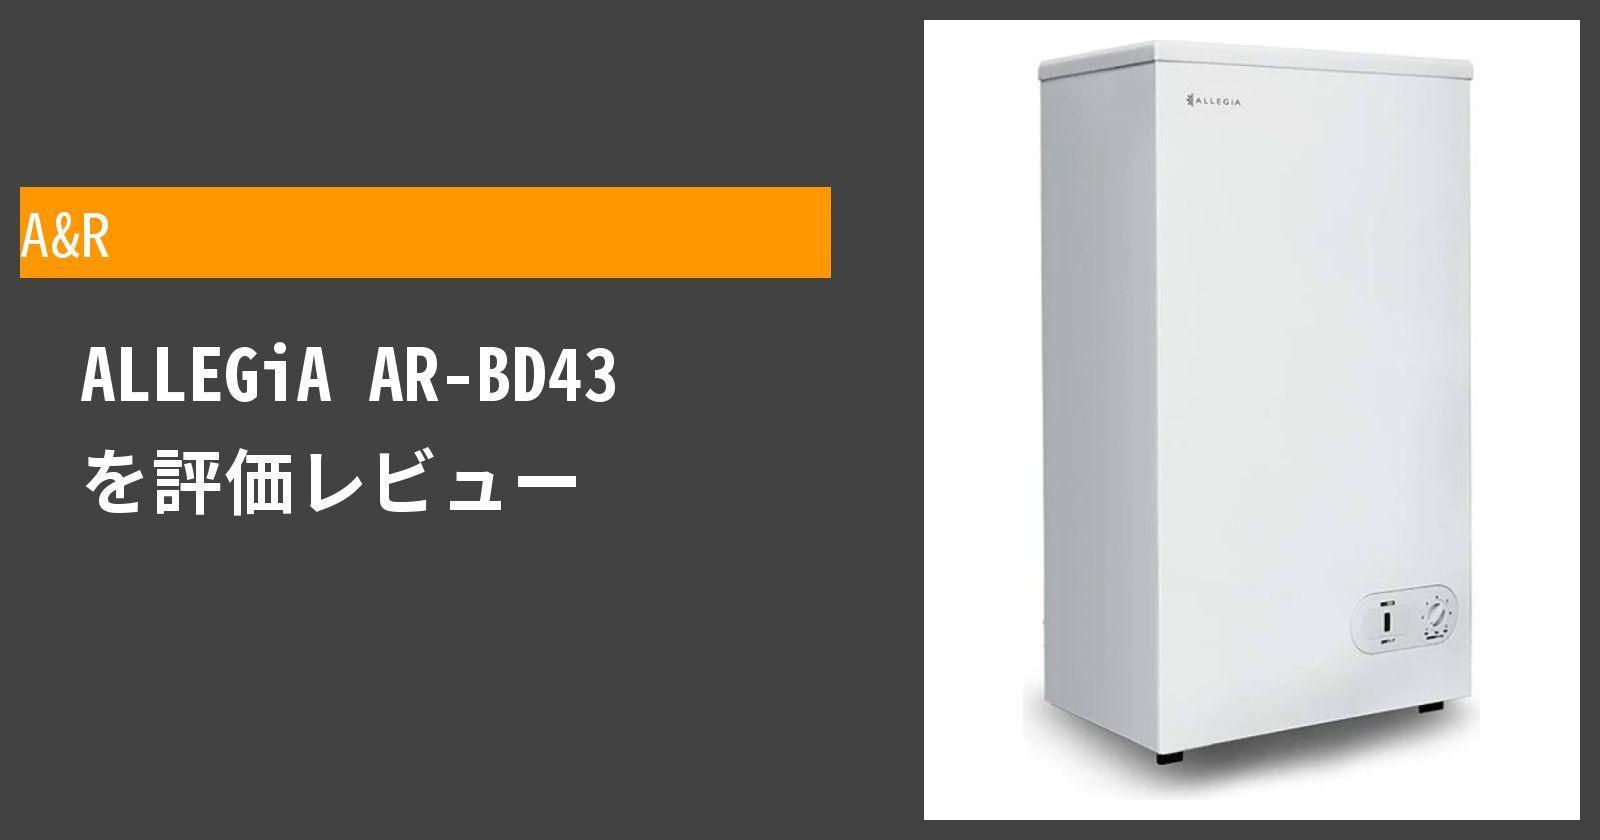 ALLEGiA AR-BD43を徹底評価